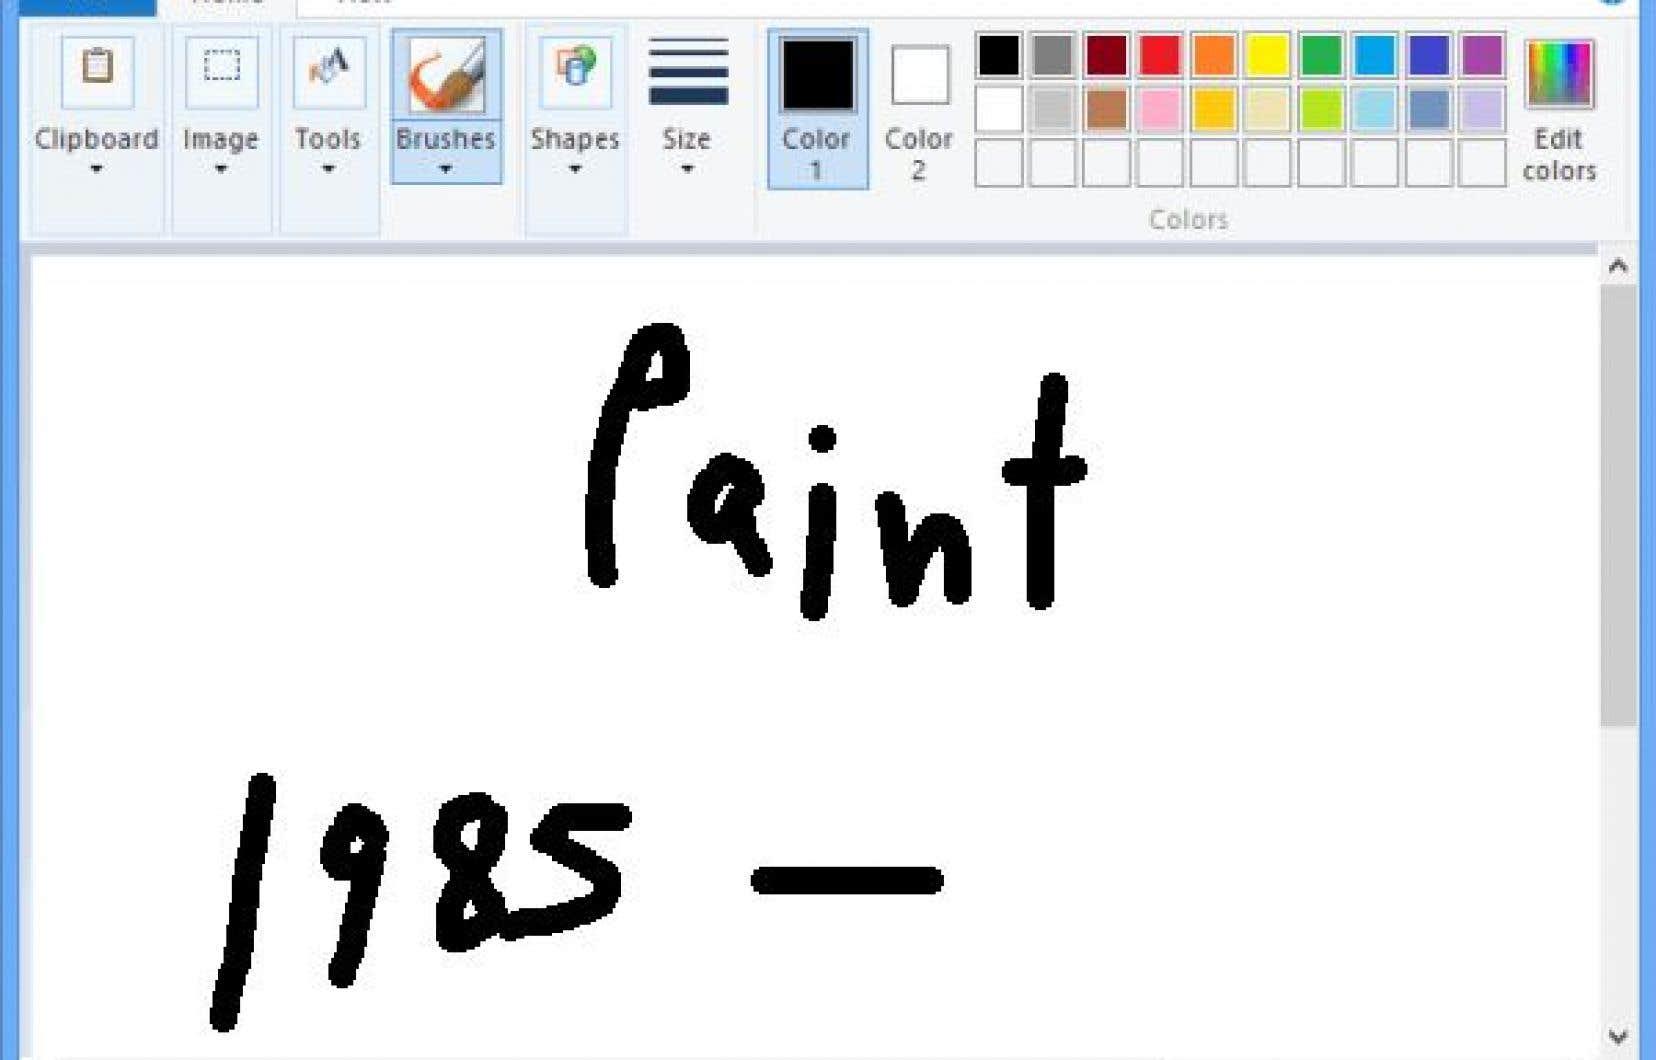 Face à l'émotion provoquée par l'annonce de l'arrêt programmé de Paint, né en 1985 en même temps que Windows, Microsoft a précisé qu'il resterait disponible.